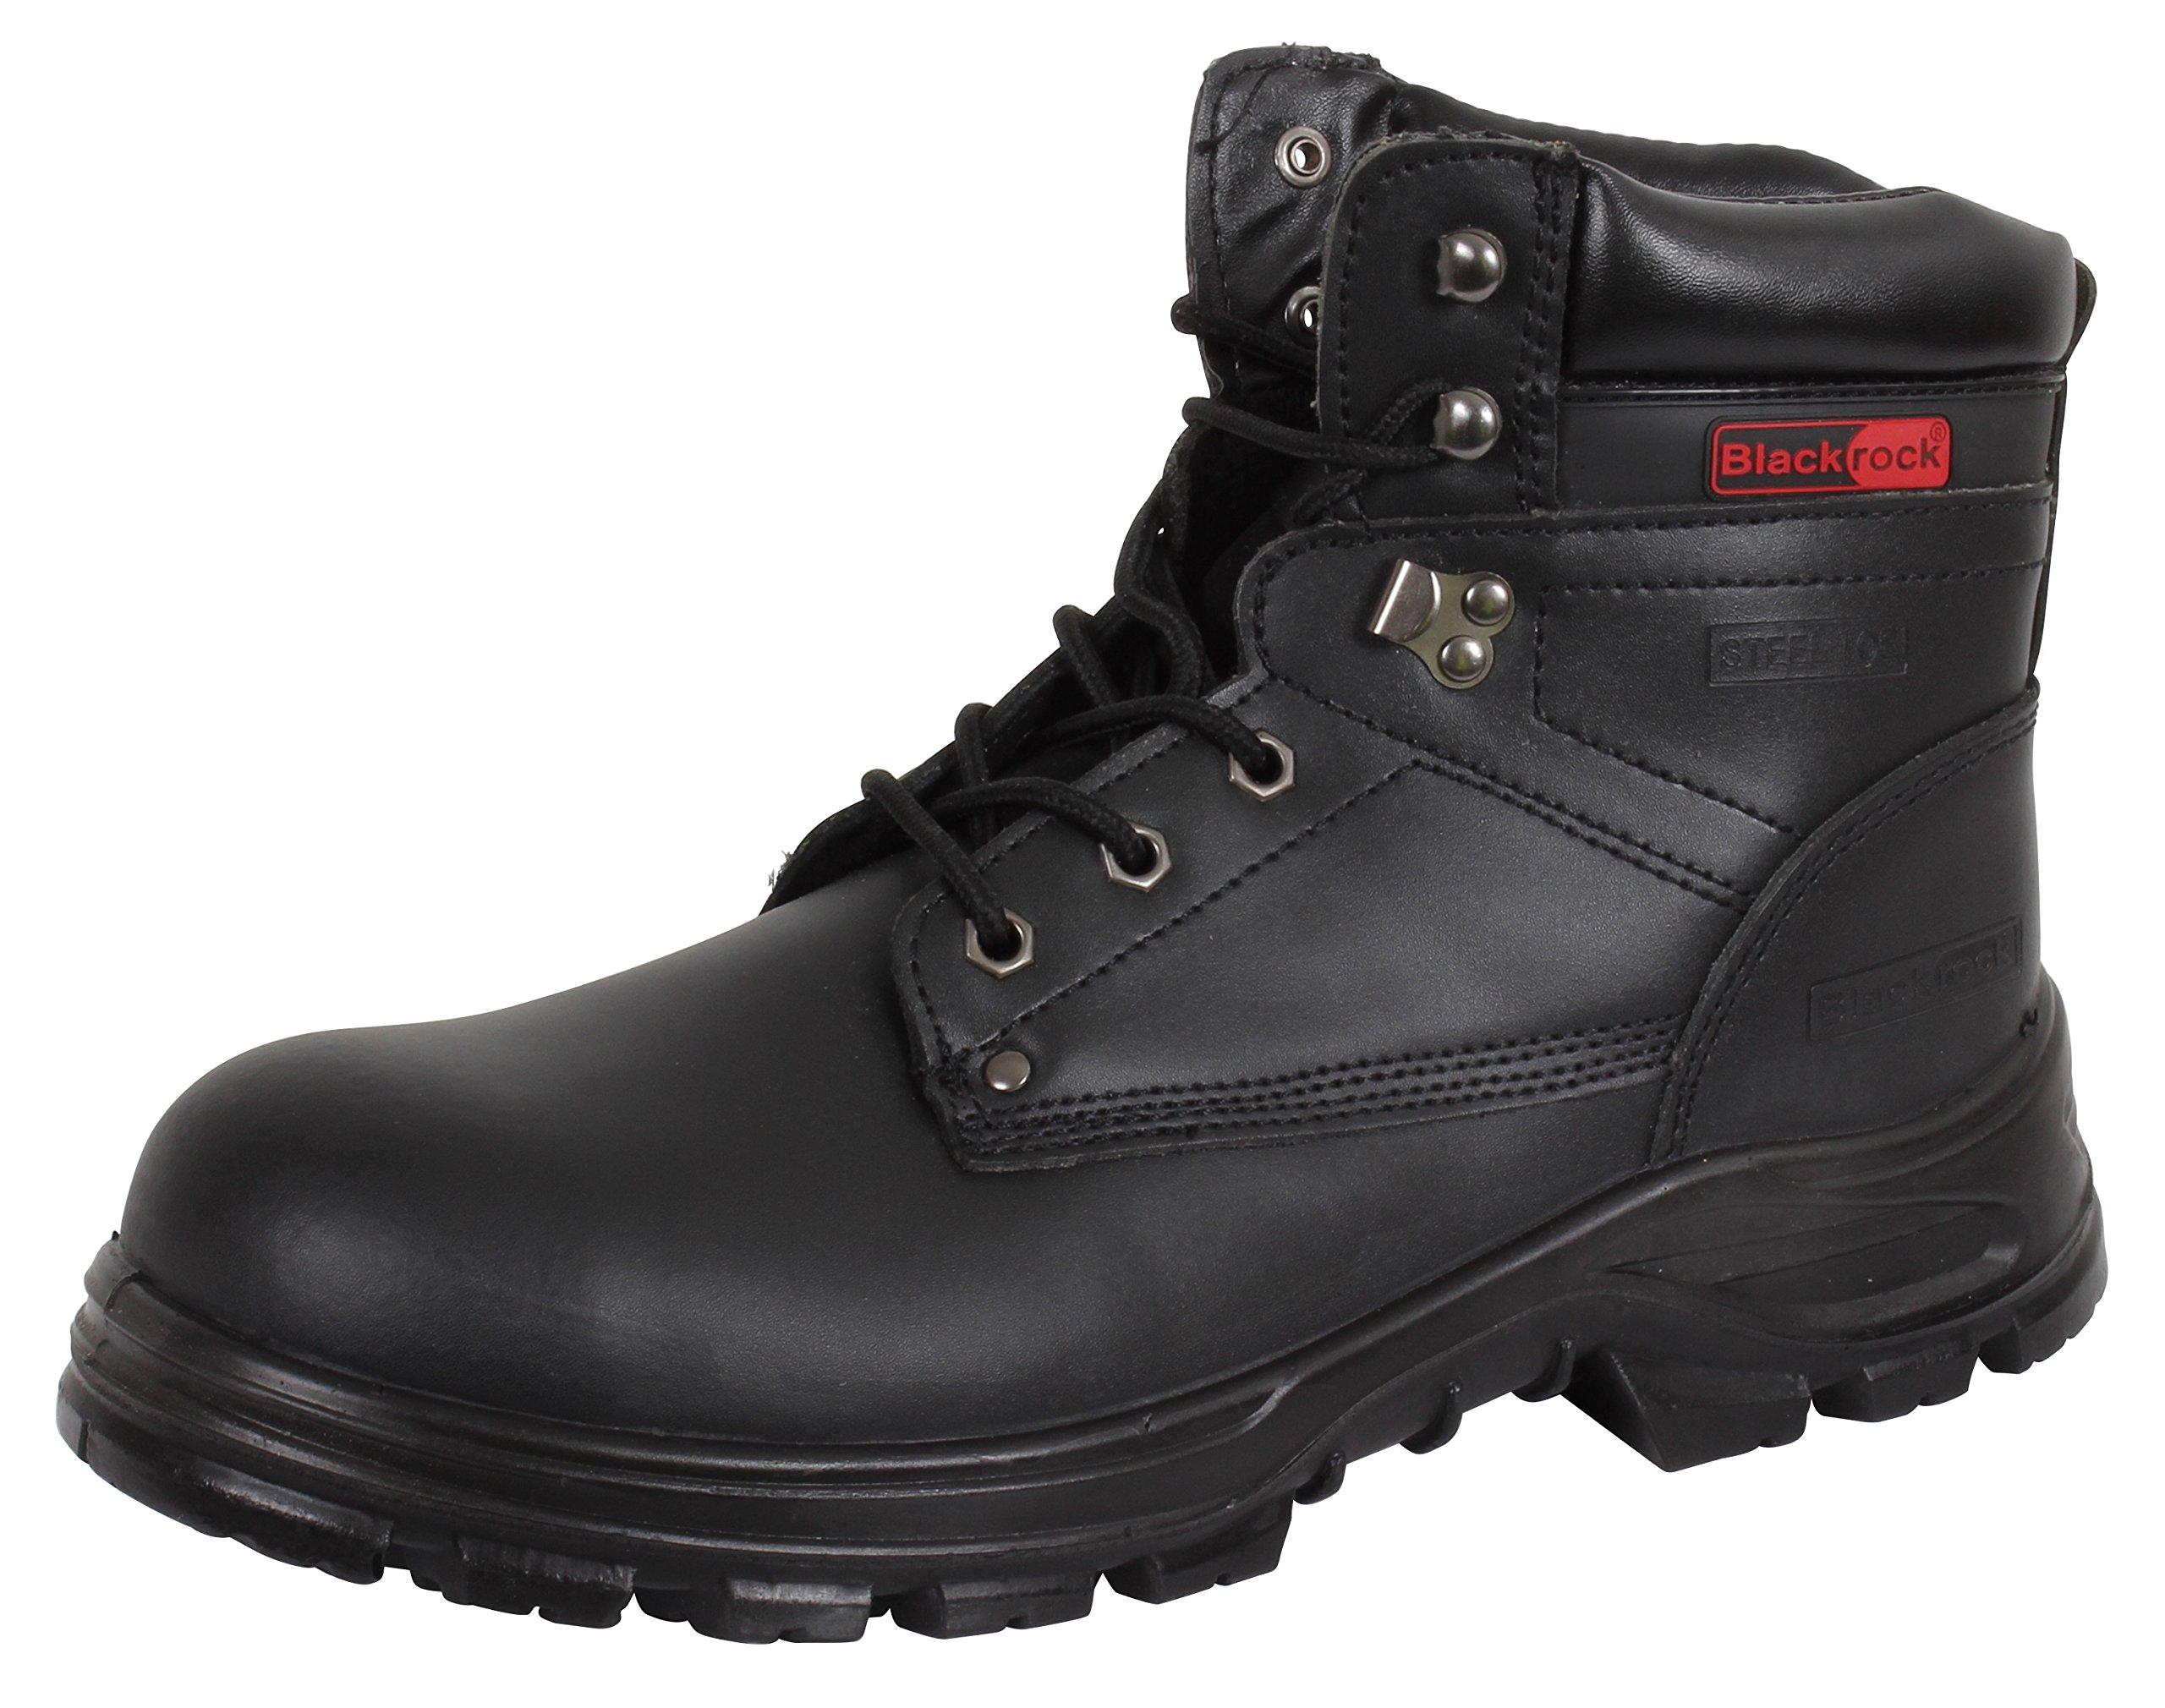 Blackrock Sf08, Calzado de protección Unisex, Negro, 43 EU (9 UK)